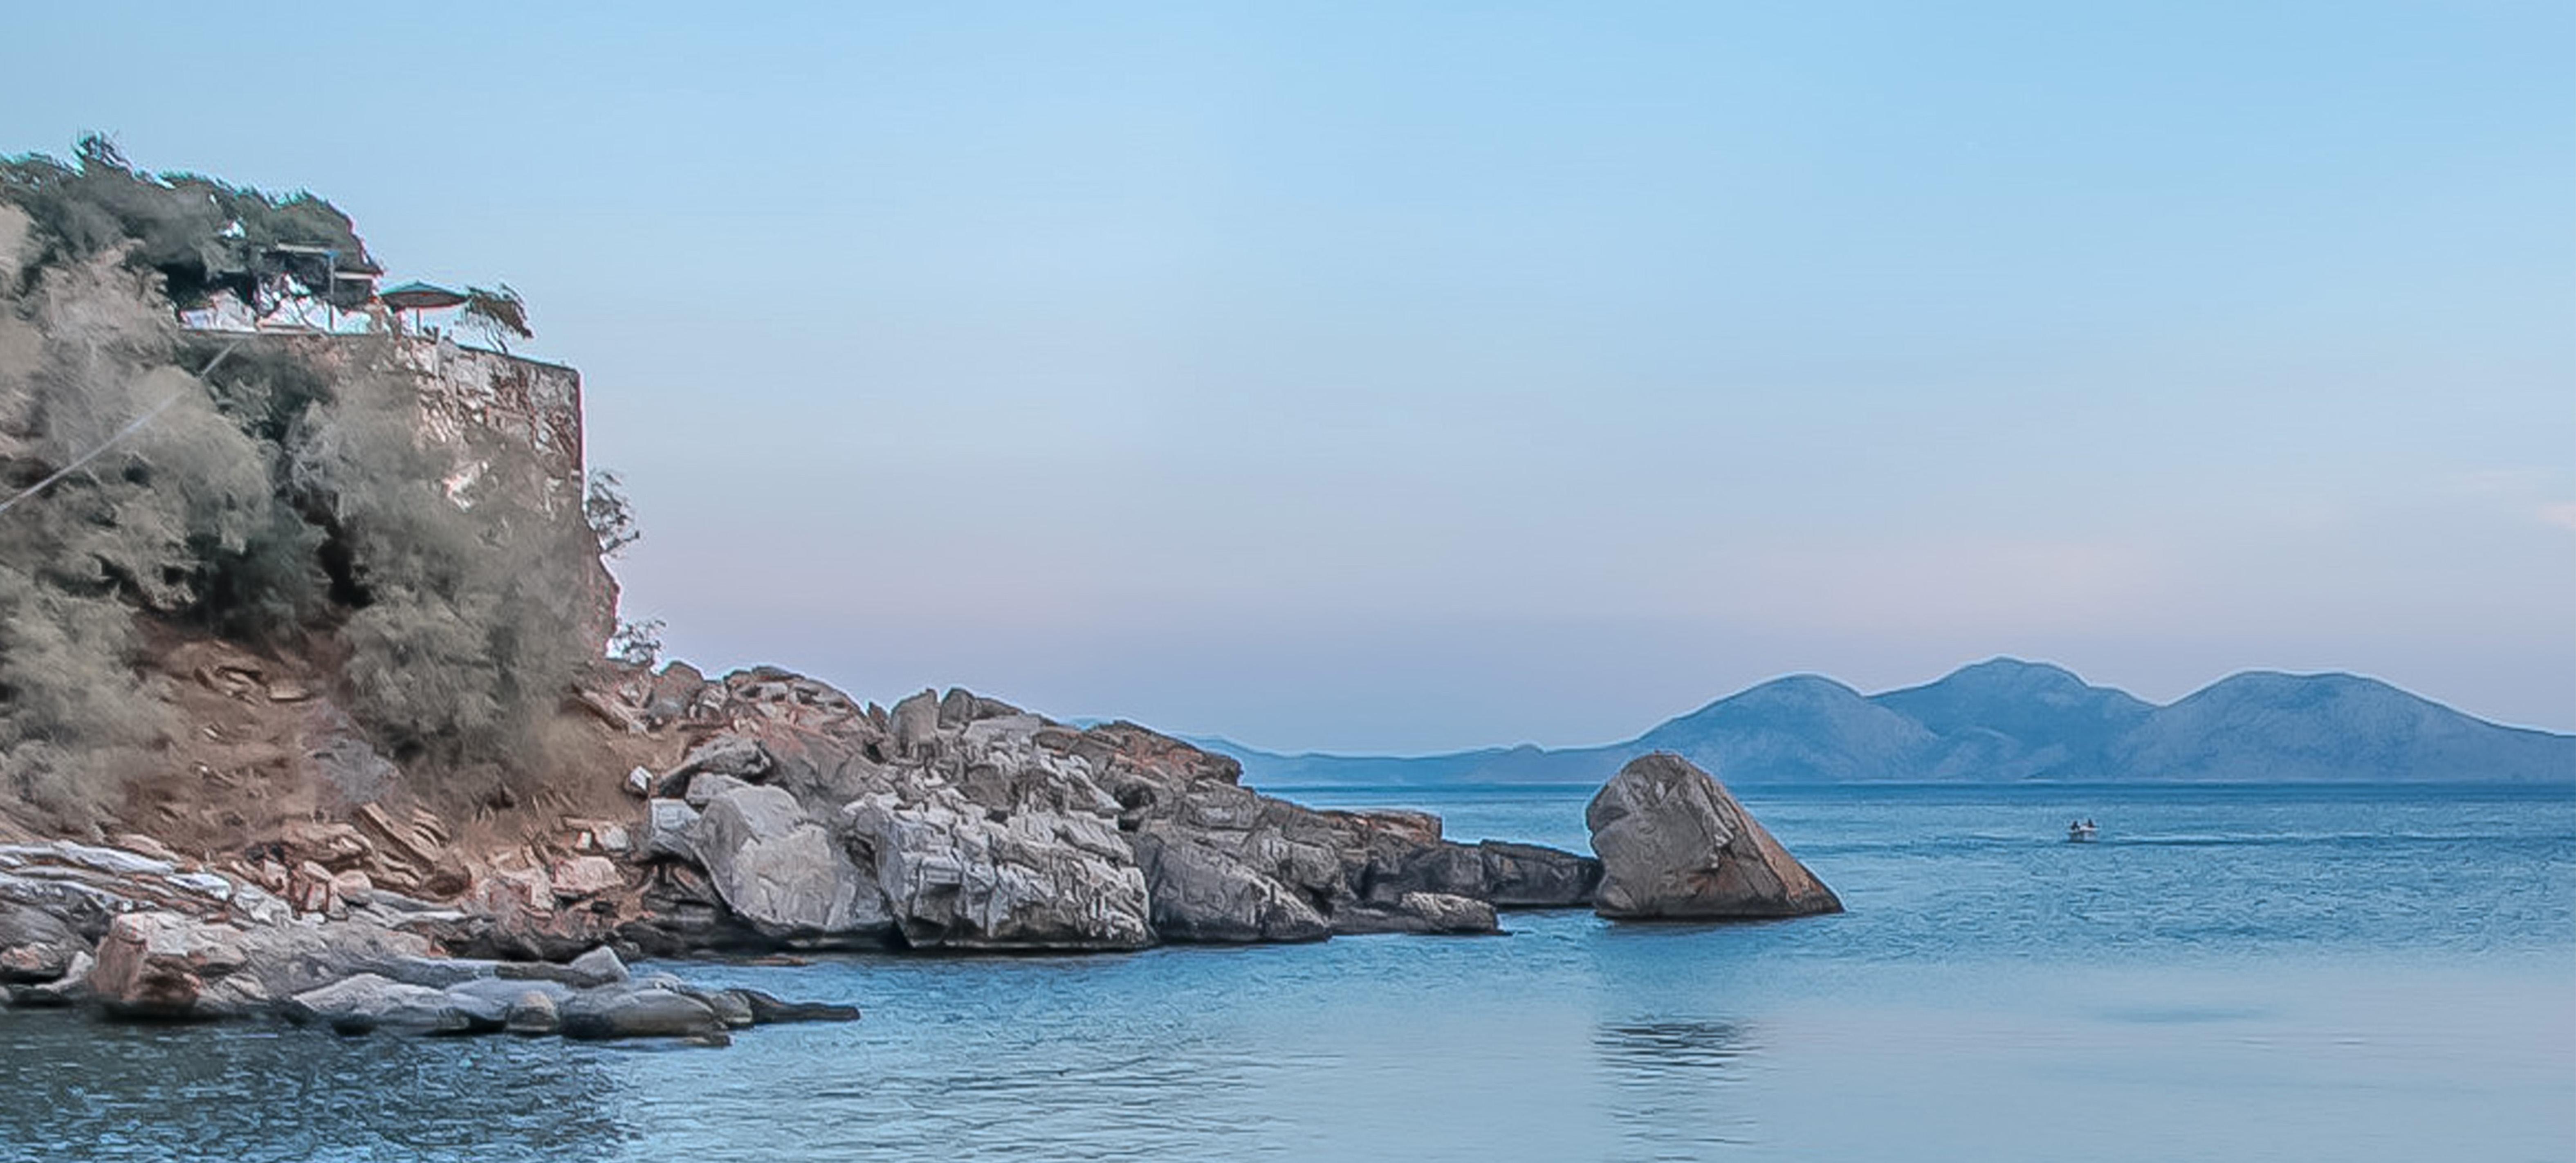 Ikaria, Therma Unterkunft Akriolykos hoch oben auf einem Felden